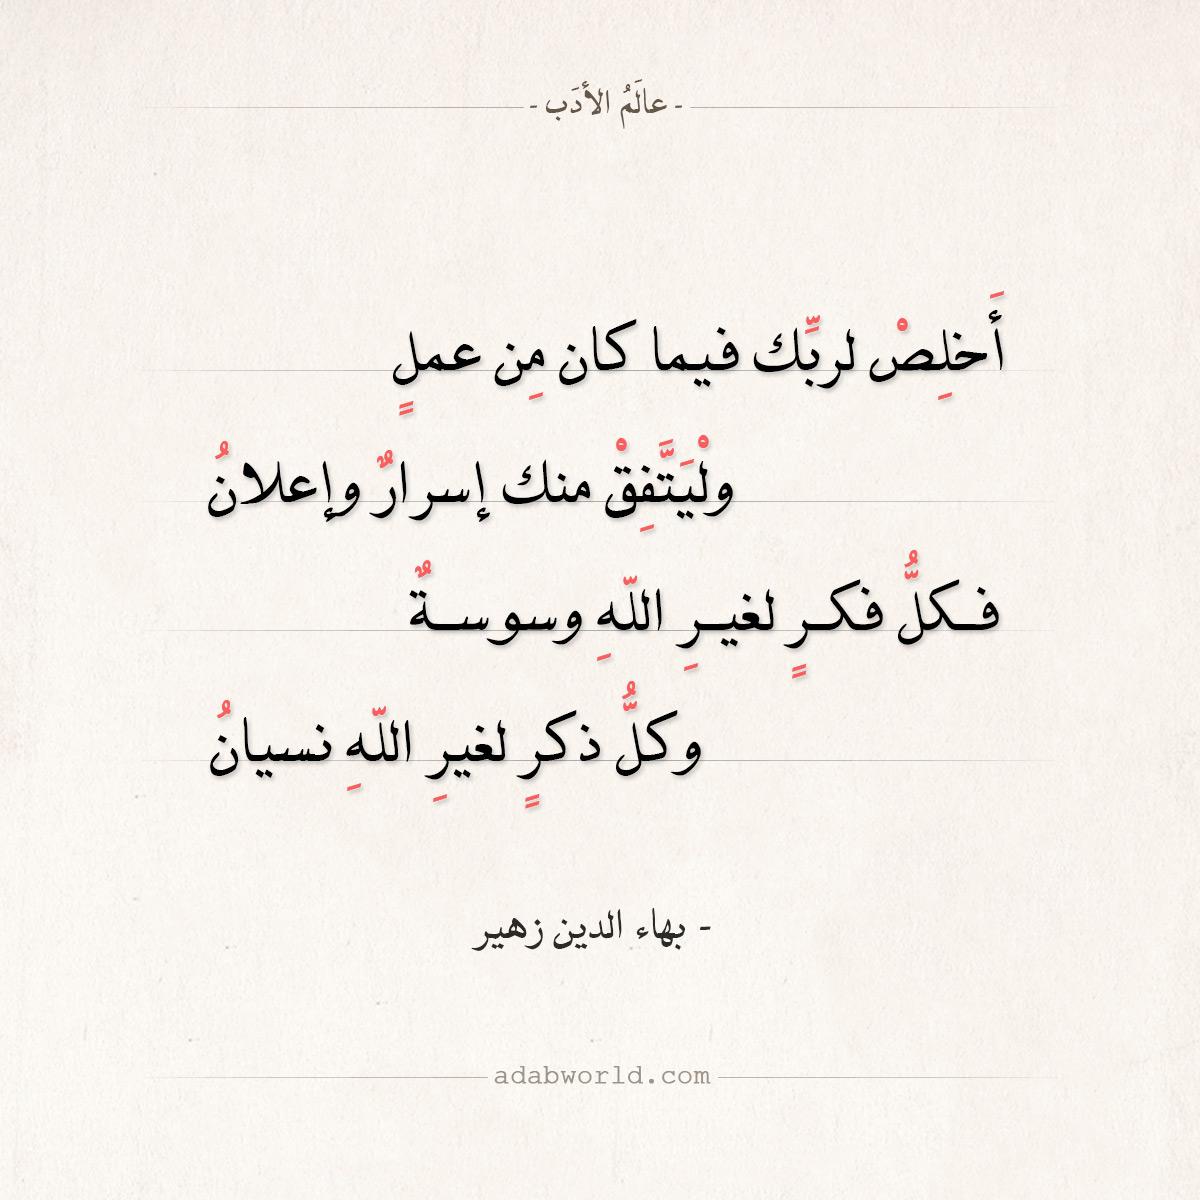 شعر بهاء الدين زهير - أخلص لربك فيما كان من عمل